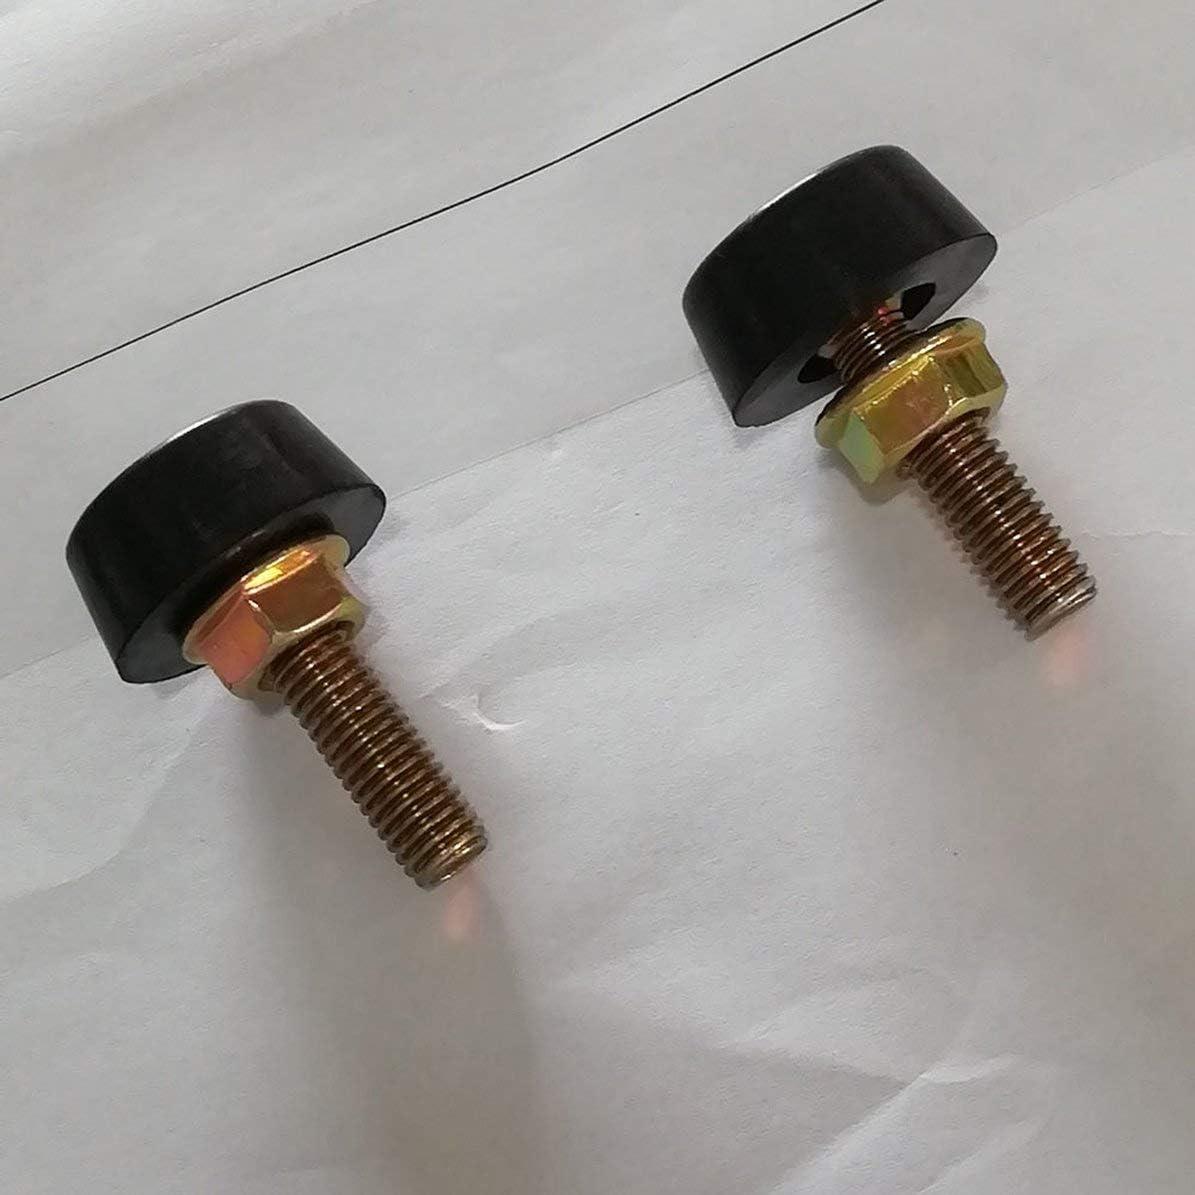 Negro Ajustador de Tope de cap/ó para Nissan Patrol Gq para Ford Maverick Tope de Parachoques 88-97 Ajustador de Tope de cap/ó